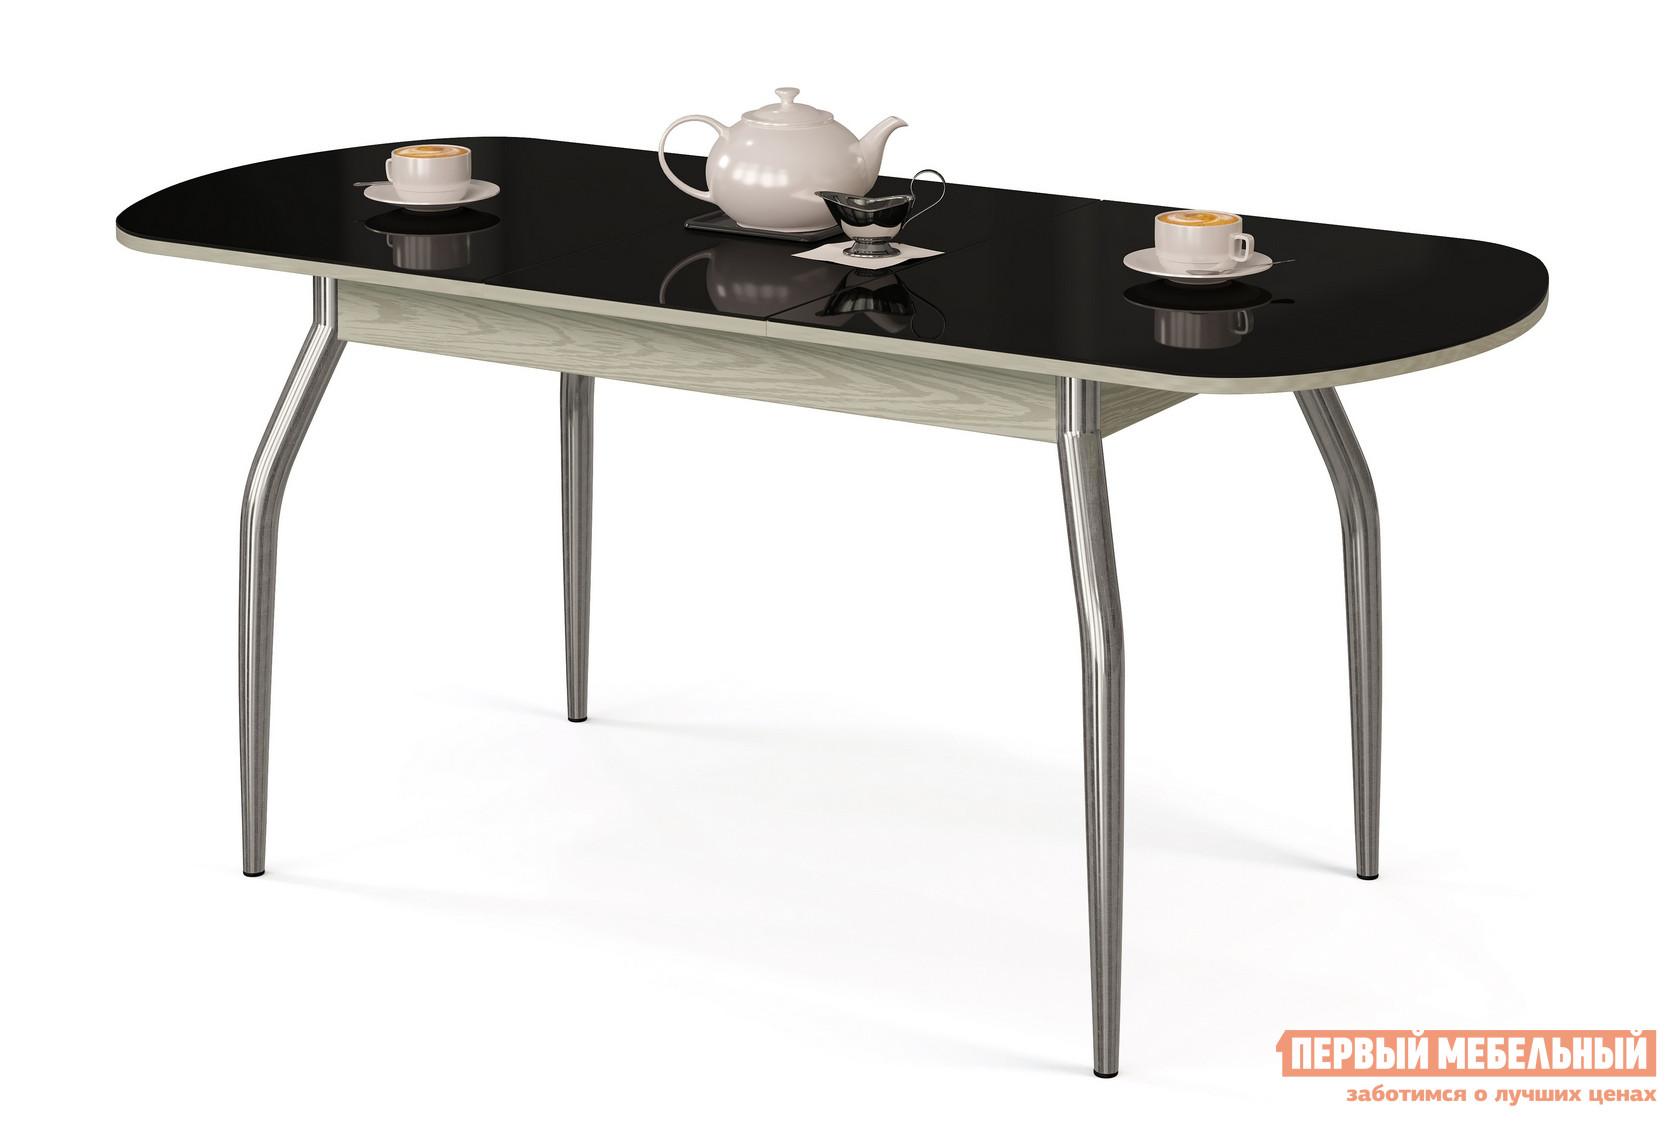 Кухонный стол МегаЭлатон Сиена-Стекло Черный, Венге италияКухонные столы<br>Габаритные размеры ВхШхГ 750x1340 / 1740x750 мм. Раздвижной обеденный стол со стеклянной накладкой на столешнице.  Металлические ножки слегка изогнуты, что делает конструкцию более изящной.  Для легкости раздвижения стола использован практичный шариковый механизм. Размер стола:В собранном виде (ВхШхГ): 750 х 1340 х 750 мм;В разложенном виде (ВхШхГ): 750 х 1740 х 750 мм;Ножки выполнены и хромированной металлической трубы.  Столешница изготовлена из ЛДСП толщиной 18 мм.  Торцевые части деталей облицованы кромкой ПВХ толщиной 2 мм.  Стеклянная накладка имеет толщину 4 мм.  Обратите внимание! Перед оформлением заказа необходимо выбрать подходящий вам вариант столешницы и стеклянной накладки.  Центральная часть столешницы стеклом не покрывается.<br><br>Цвет: Венге италия<br>Цвет: Черный<br>Высота мм: 750<br>Ширина мм: 1340 / 1740<br>Глубина мм: 750<br>Кол-во упаковок: 1<br>Форма поставки: В разобранном виде<br>Срок гарантии: 12 месяцев<br>Тип: Раздвижные, Трансформер<br>Материал: Деревянные, Стеклянные, из ЛДСП, из МДФ<br>Форма: Овальные<br>Размер: Большие<br>Особенности: С металлическими ножками, Глянцевые